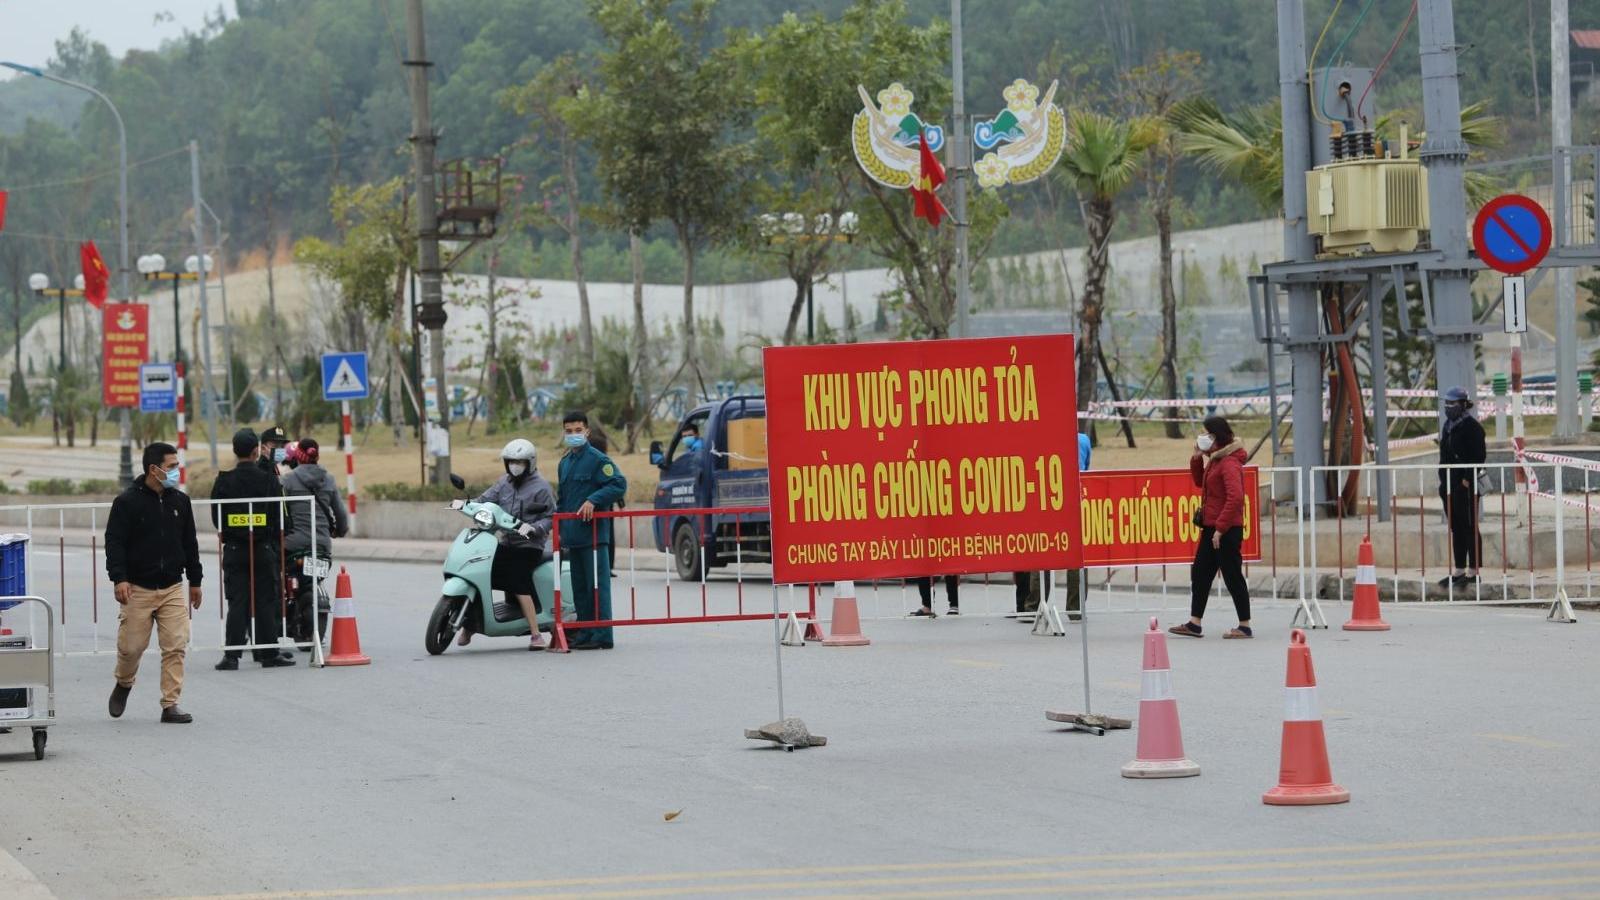 Quảng Ninh phong tỏa thêm nhiều điểm dân cư do dịch bệnh diễn biến phức tạp